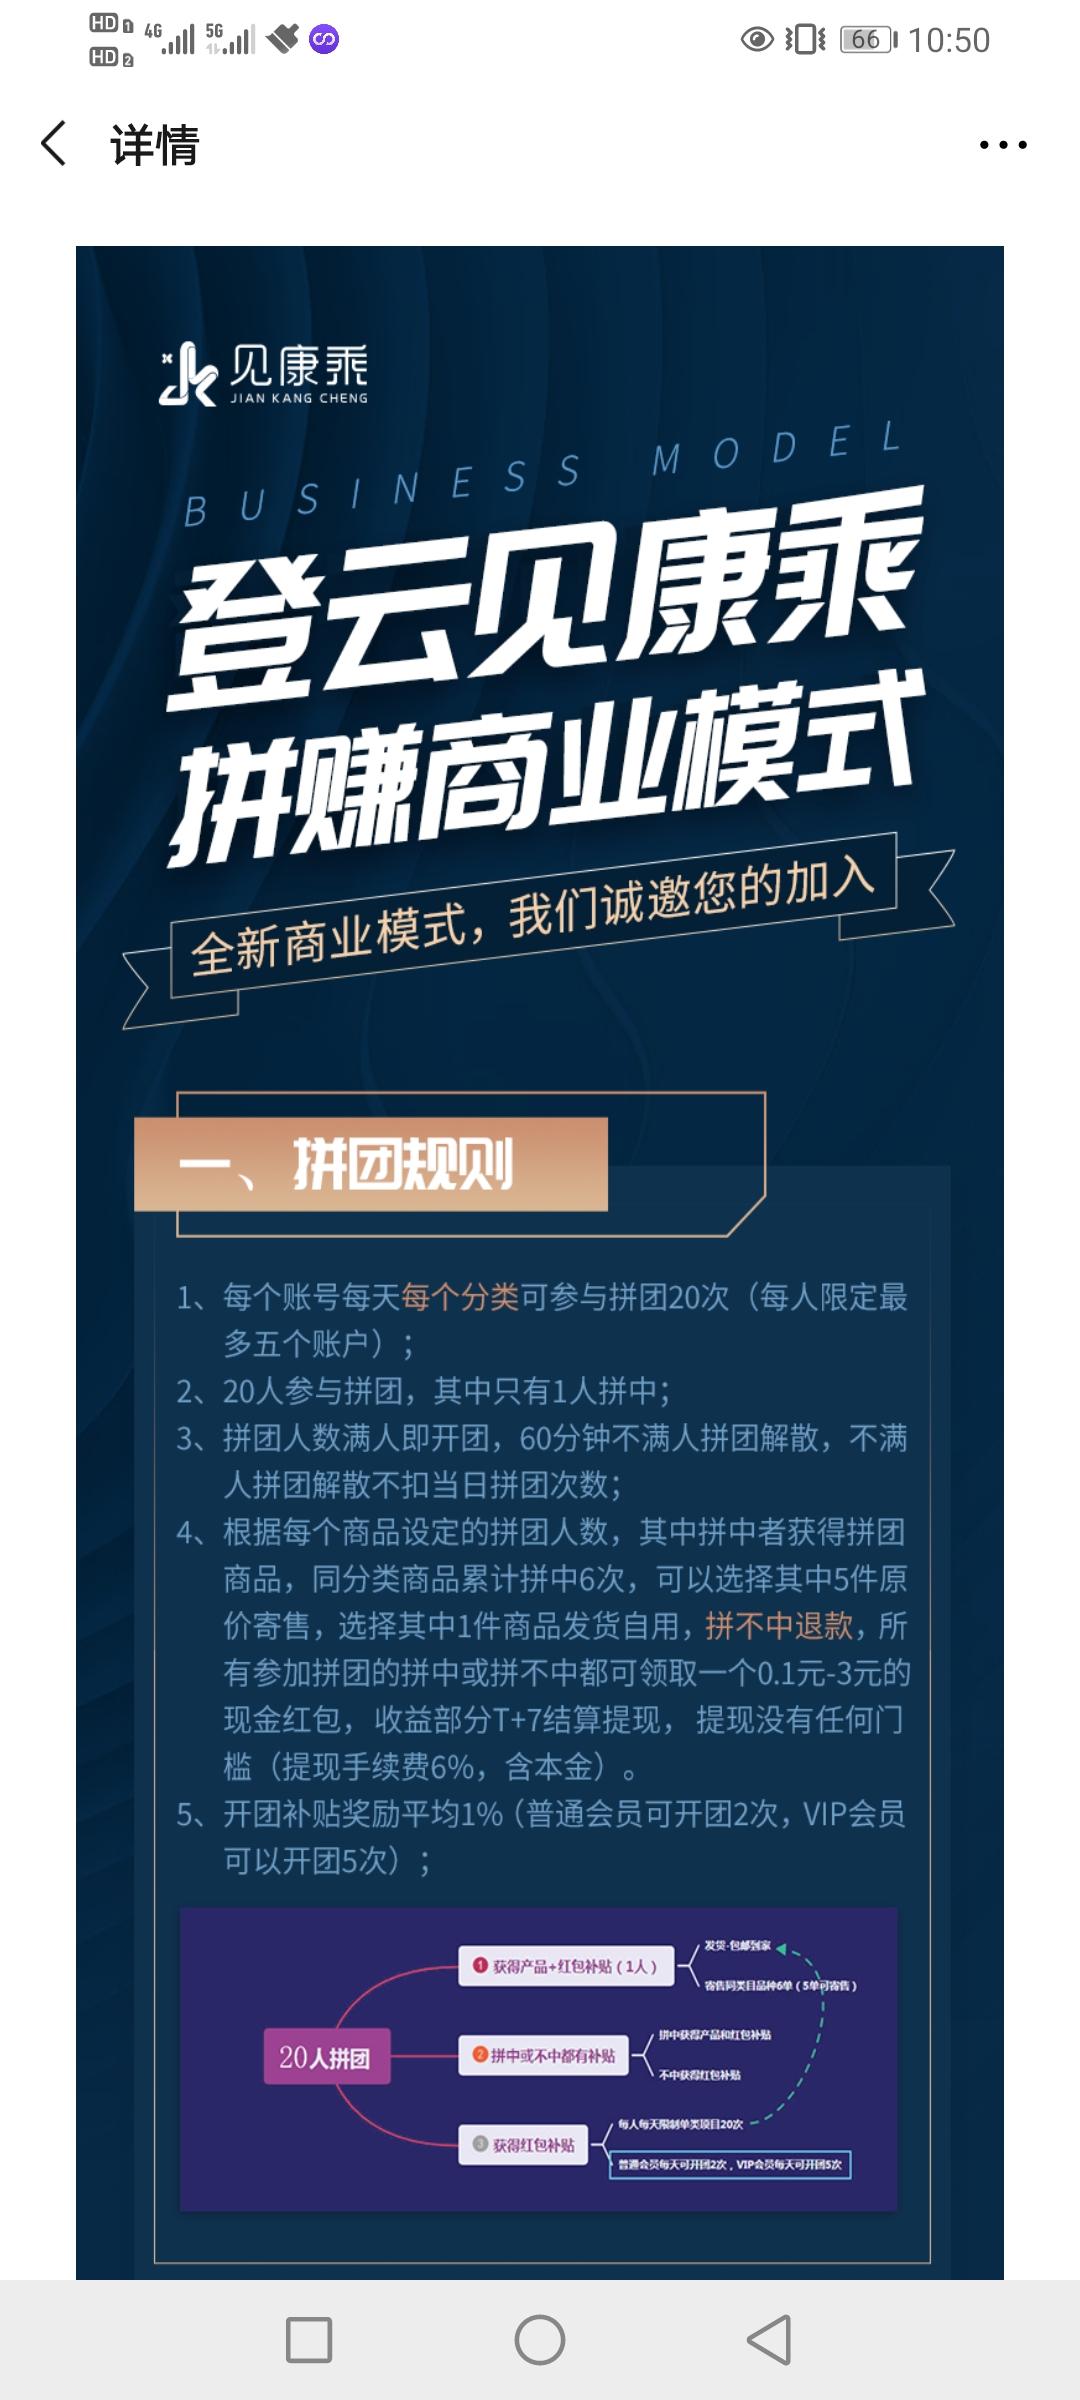 图片[4]-见康乘,首码发布,拼拼有礼升级版-首码社